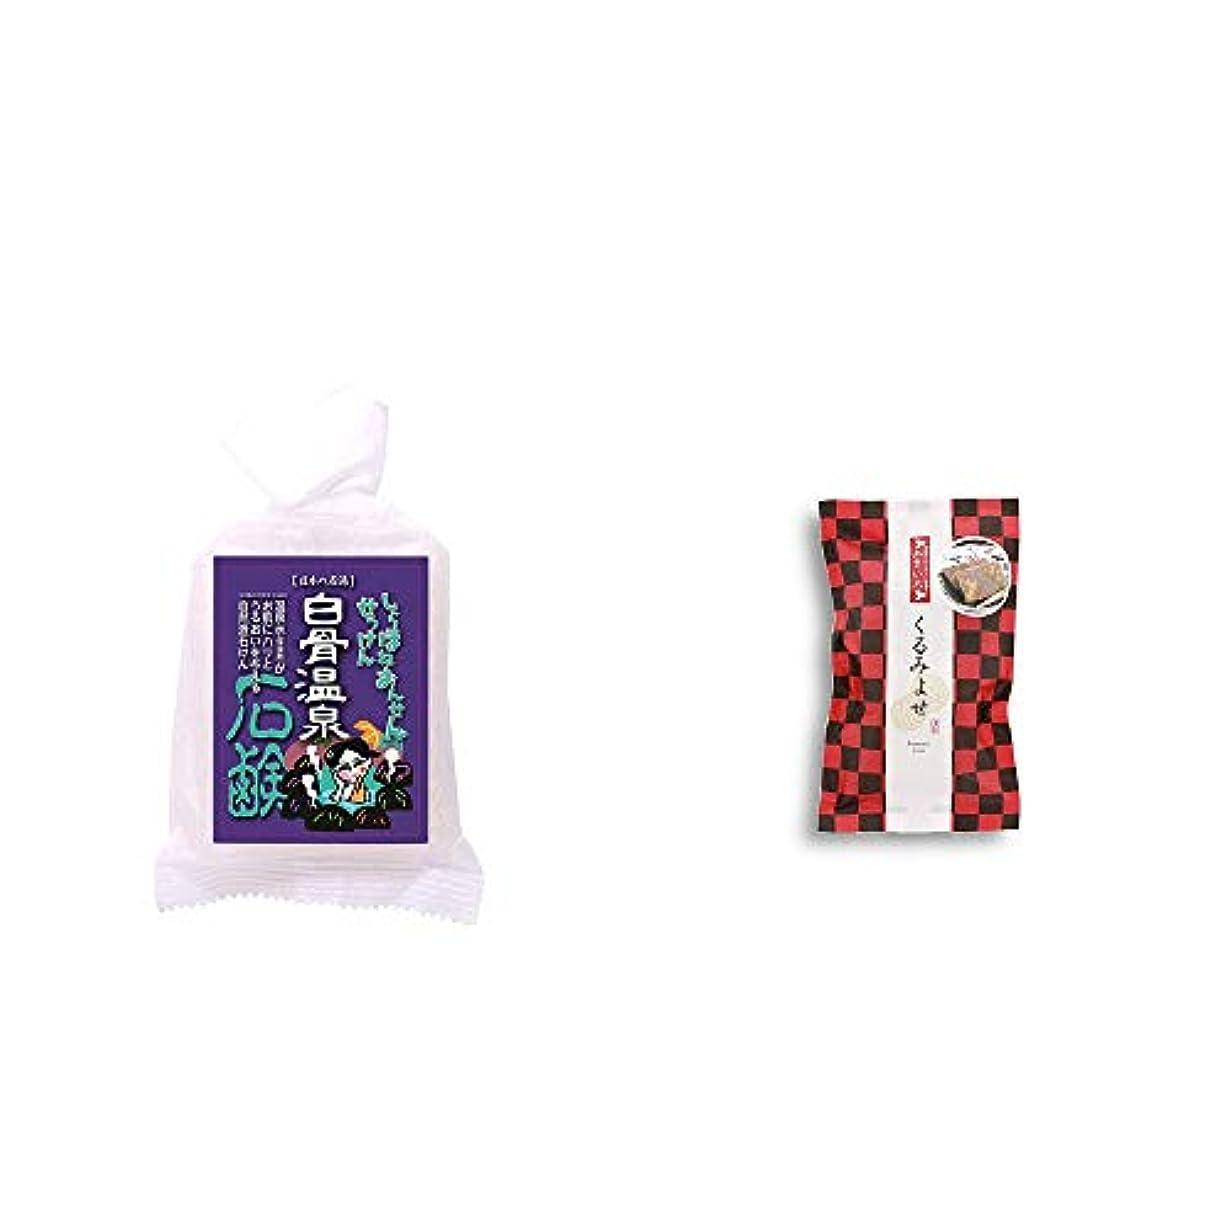 変更懺悔チャレンジ[2点セット] 信州 白骨温泉石鹸(80g)?くるみよせ(こし餡)(5個入)